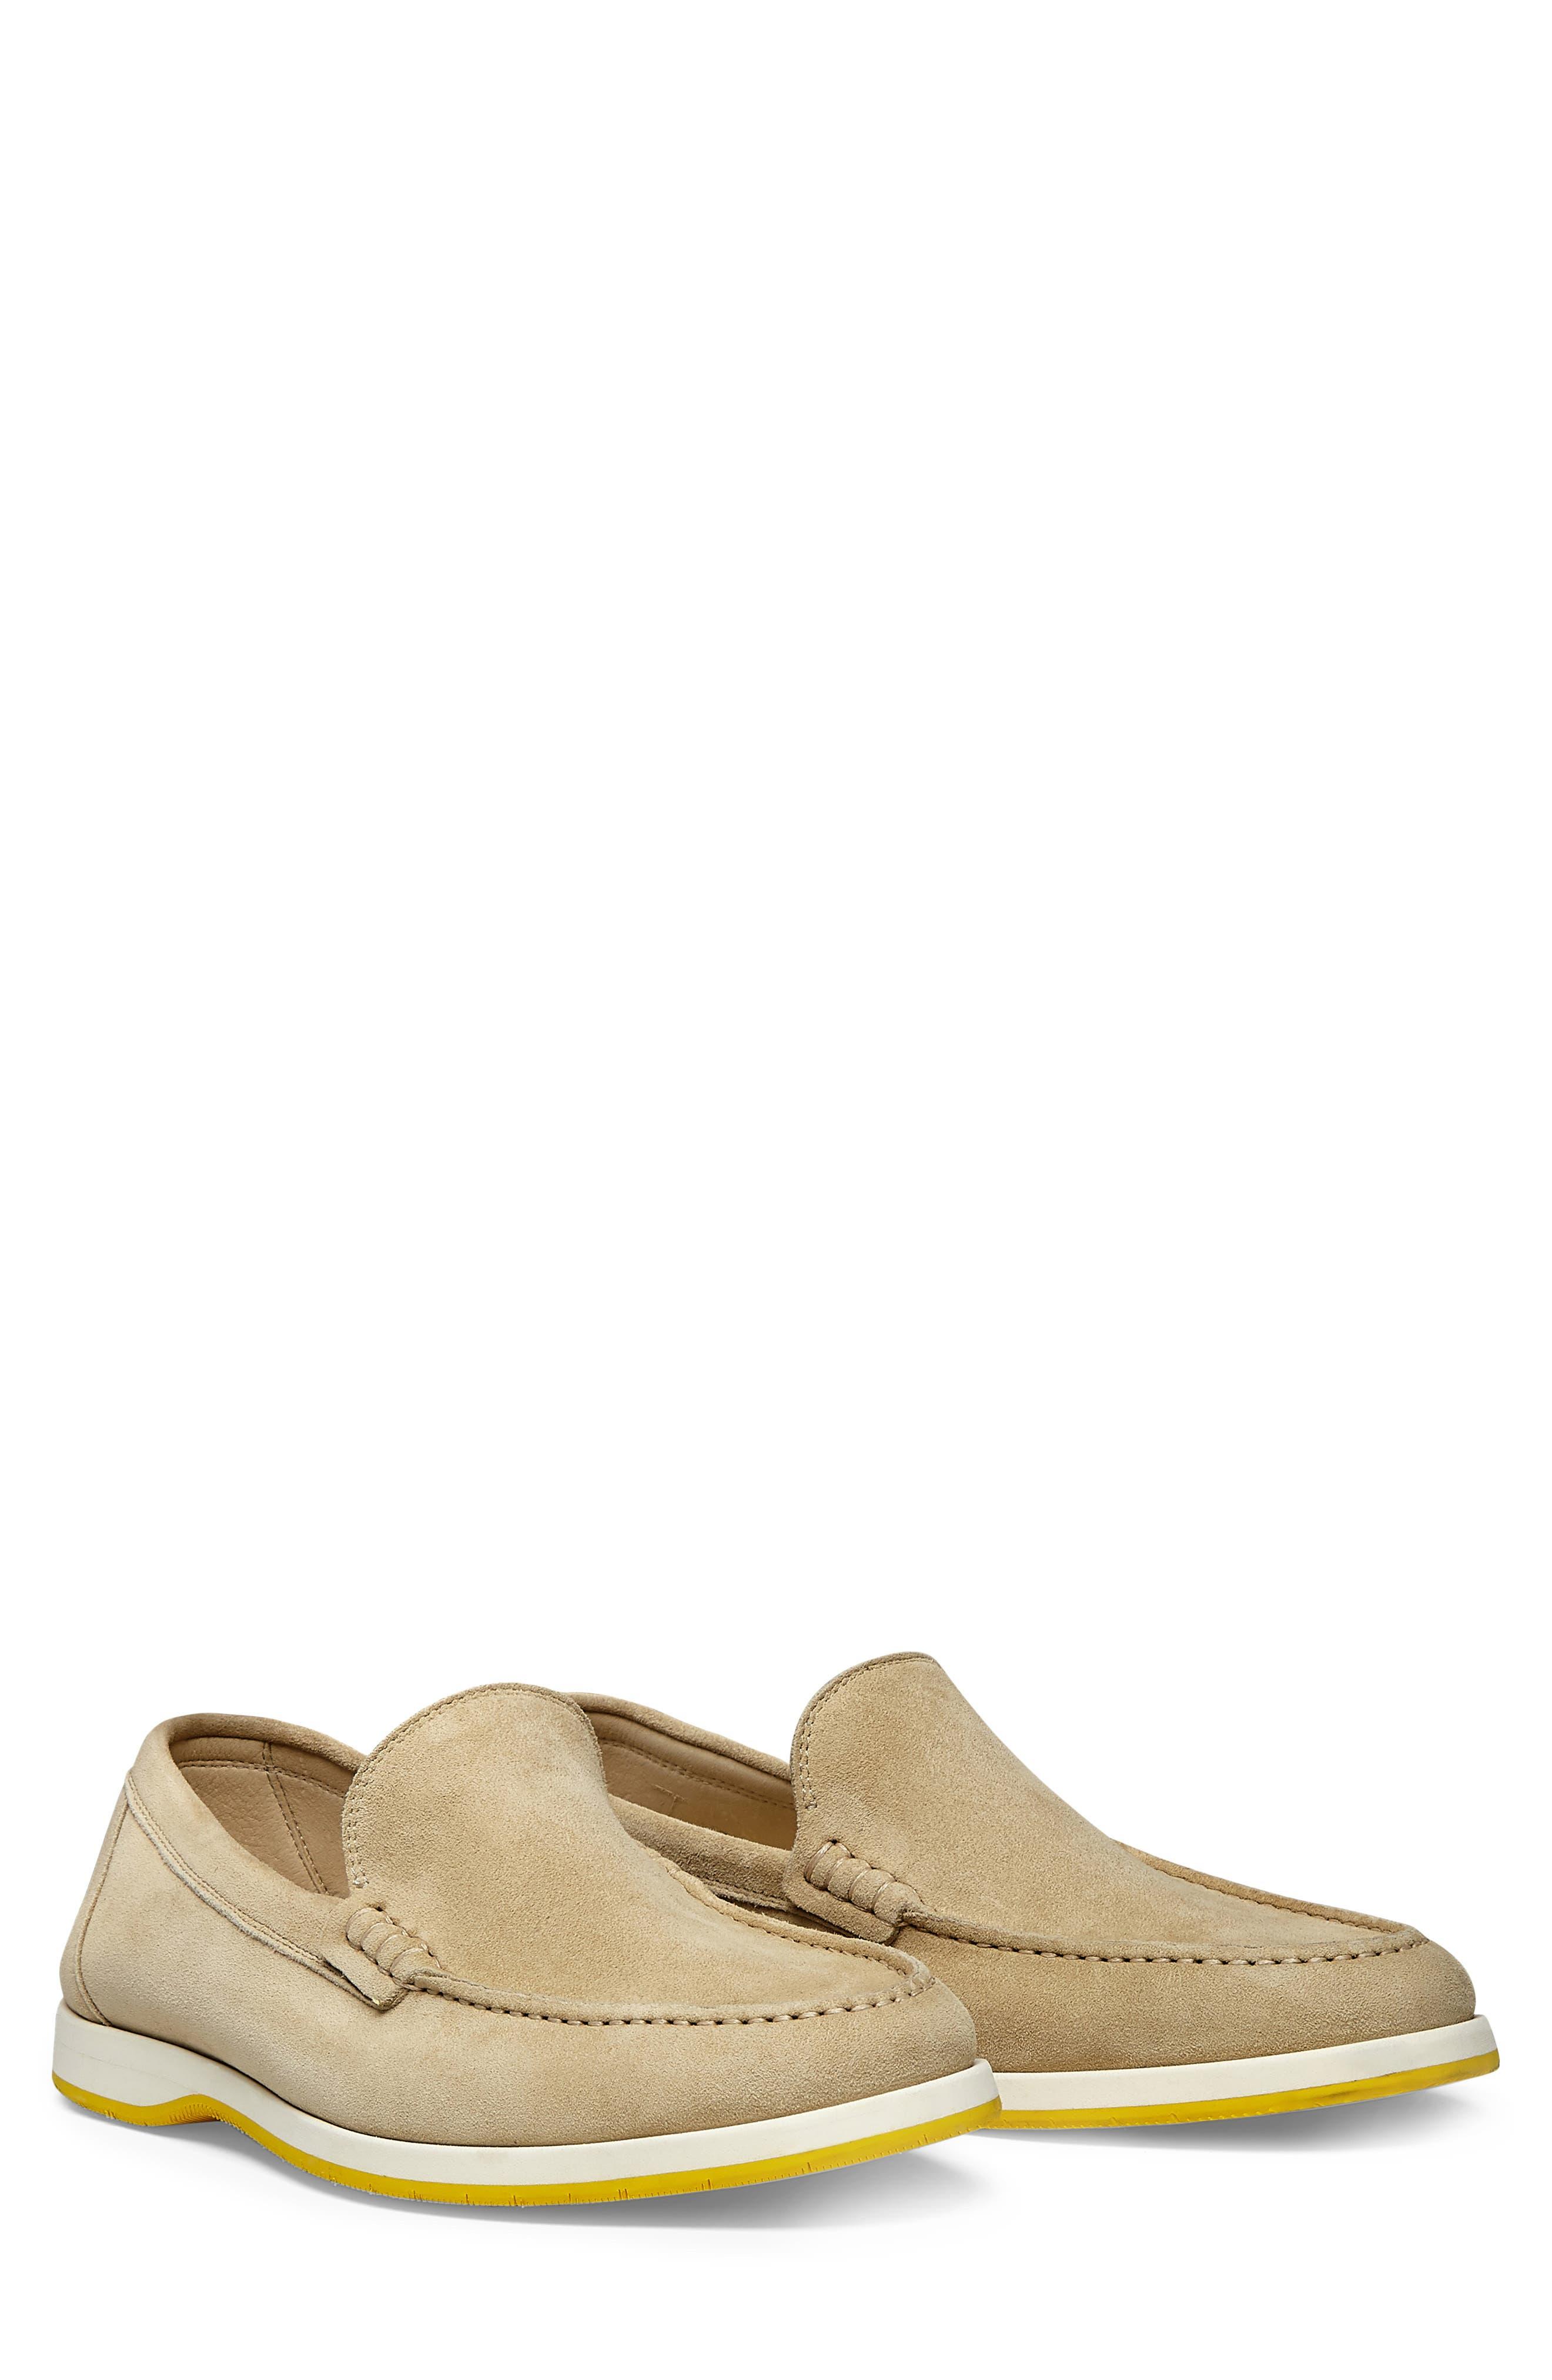 Kitts Venetian Loafer